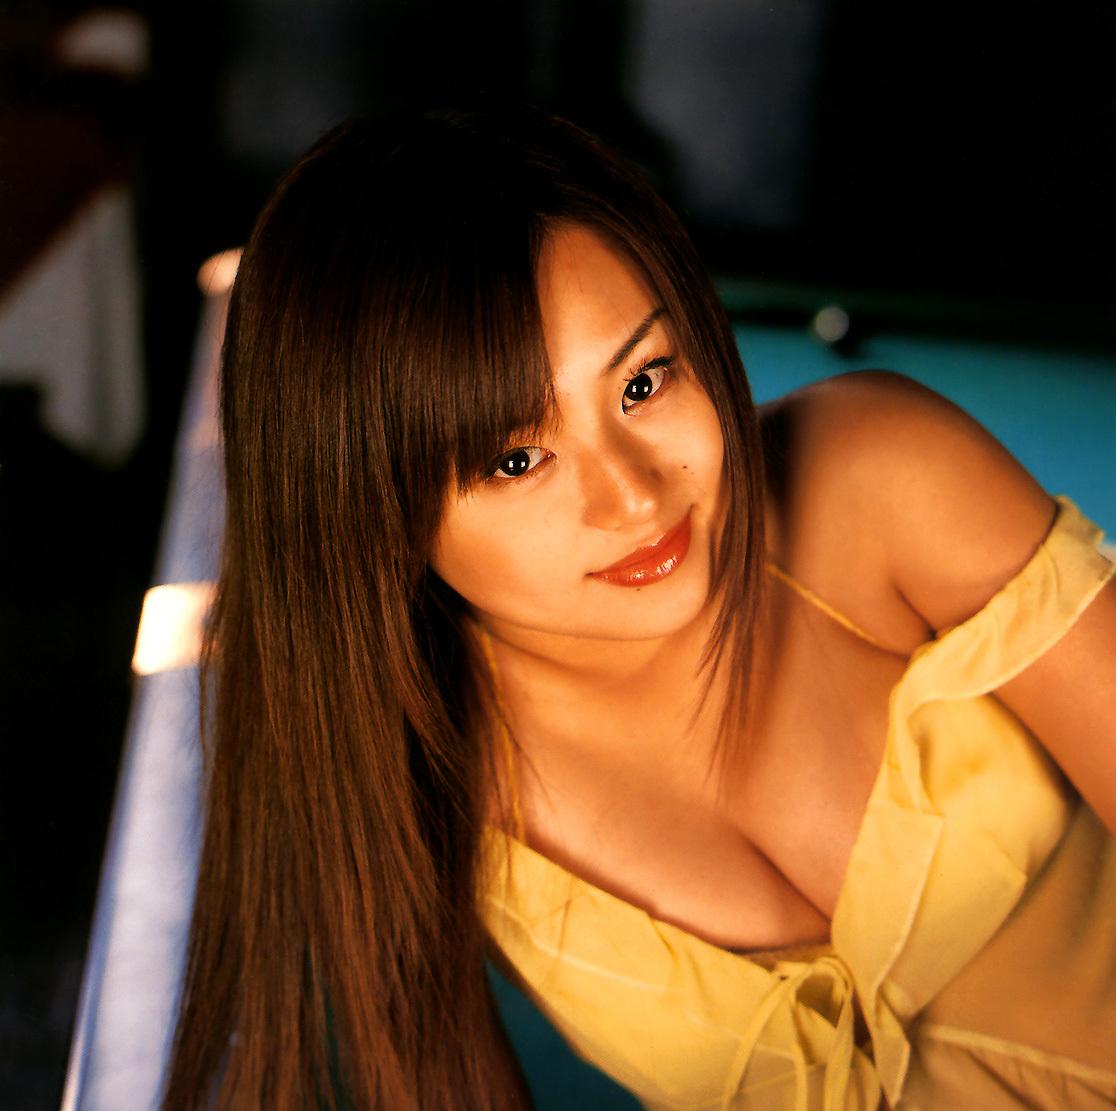 夏川純26